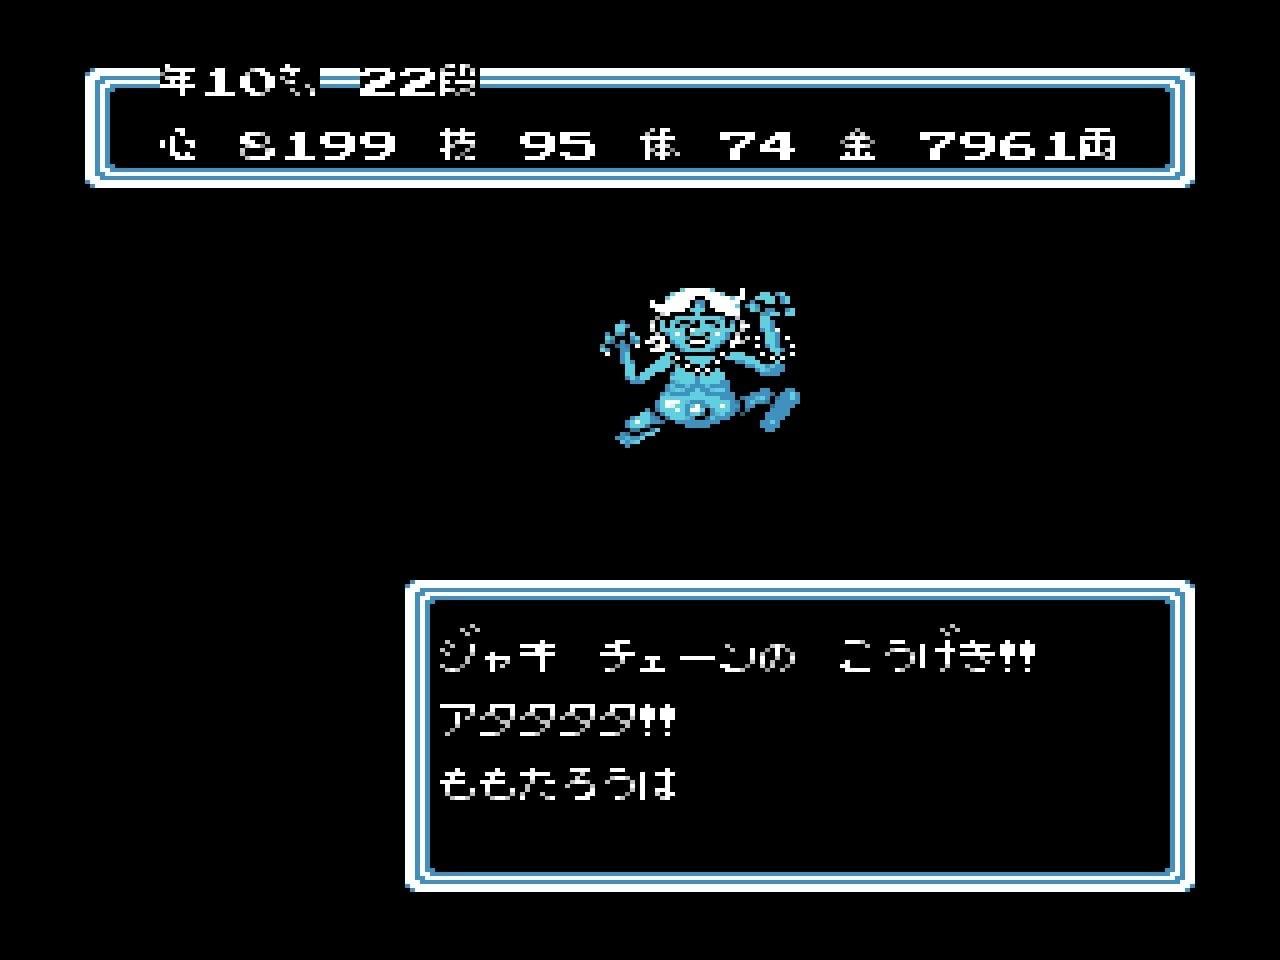 """「鬼狩り」の元祖と言えば…!? まさに""""伝説""""のファミコンRPG『桃太郎伝説』が発売33周年の画像004"""